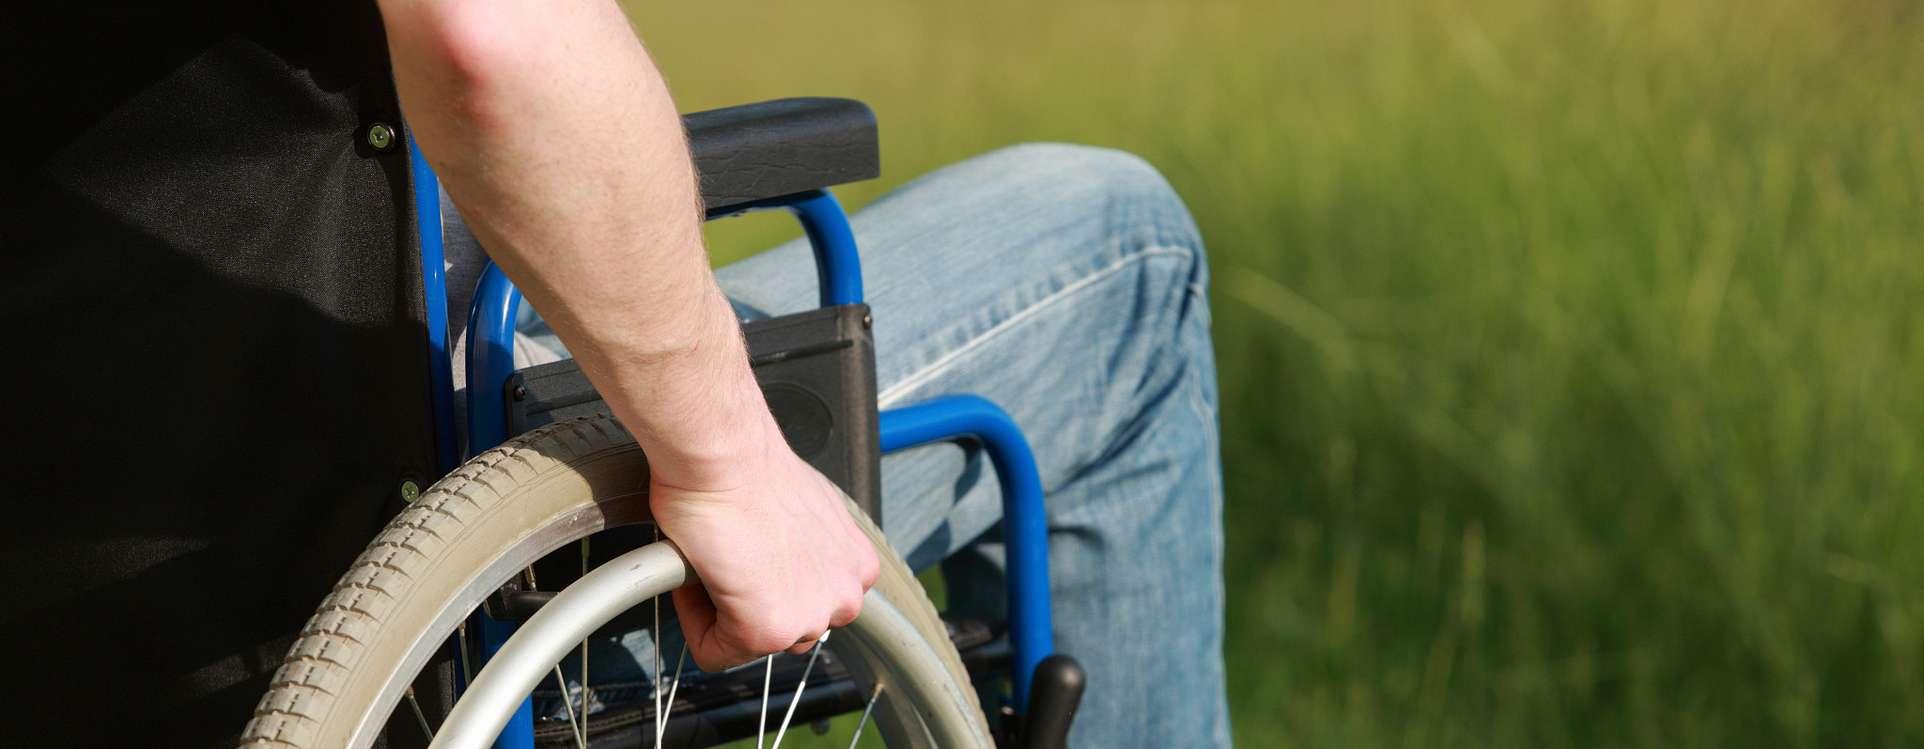 a man's arm gripping a wheelchair handrim